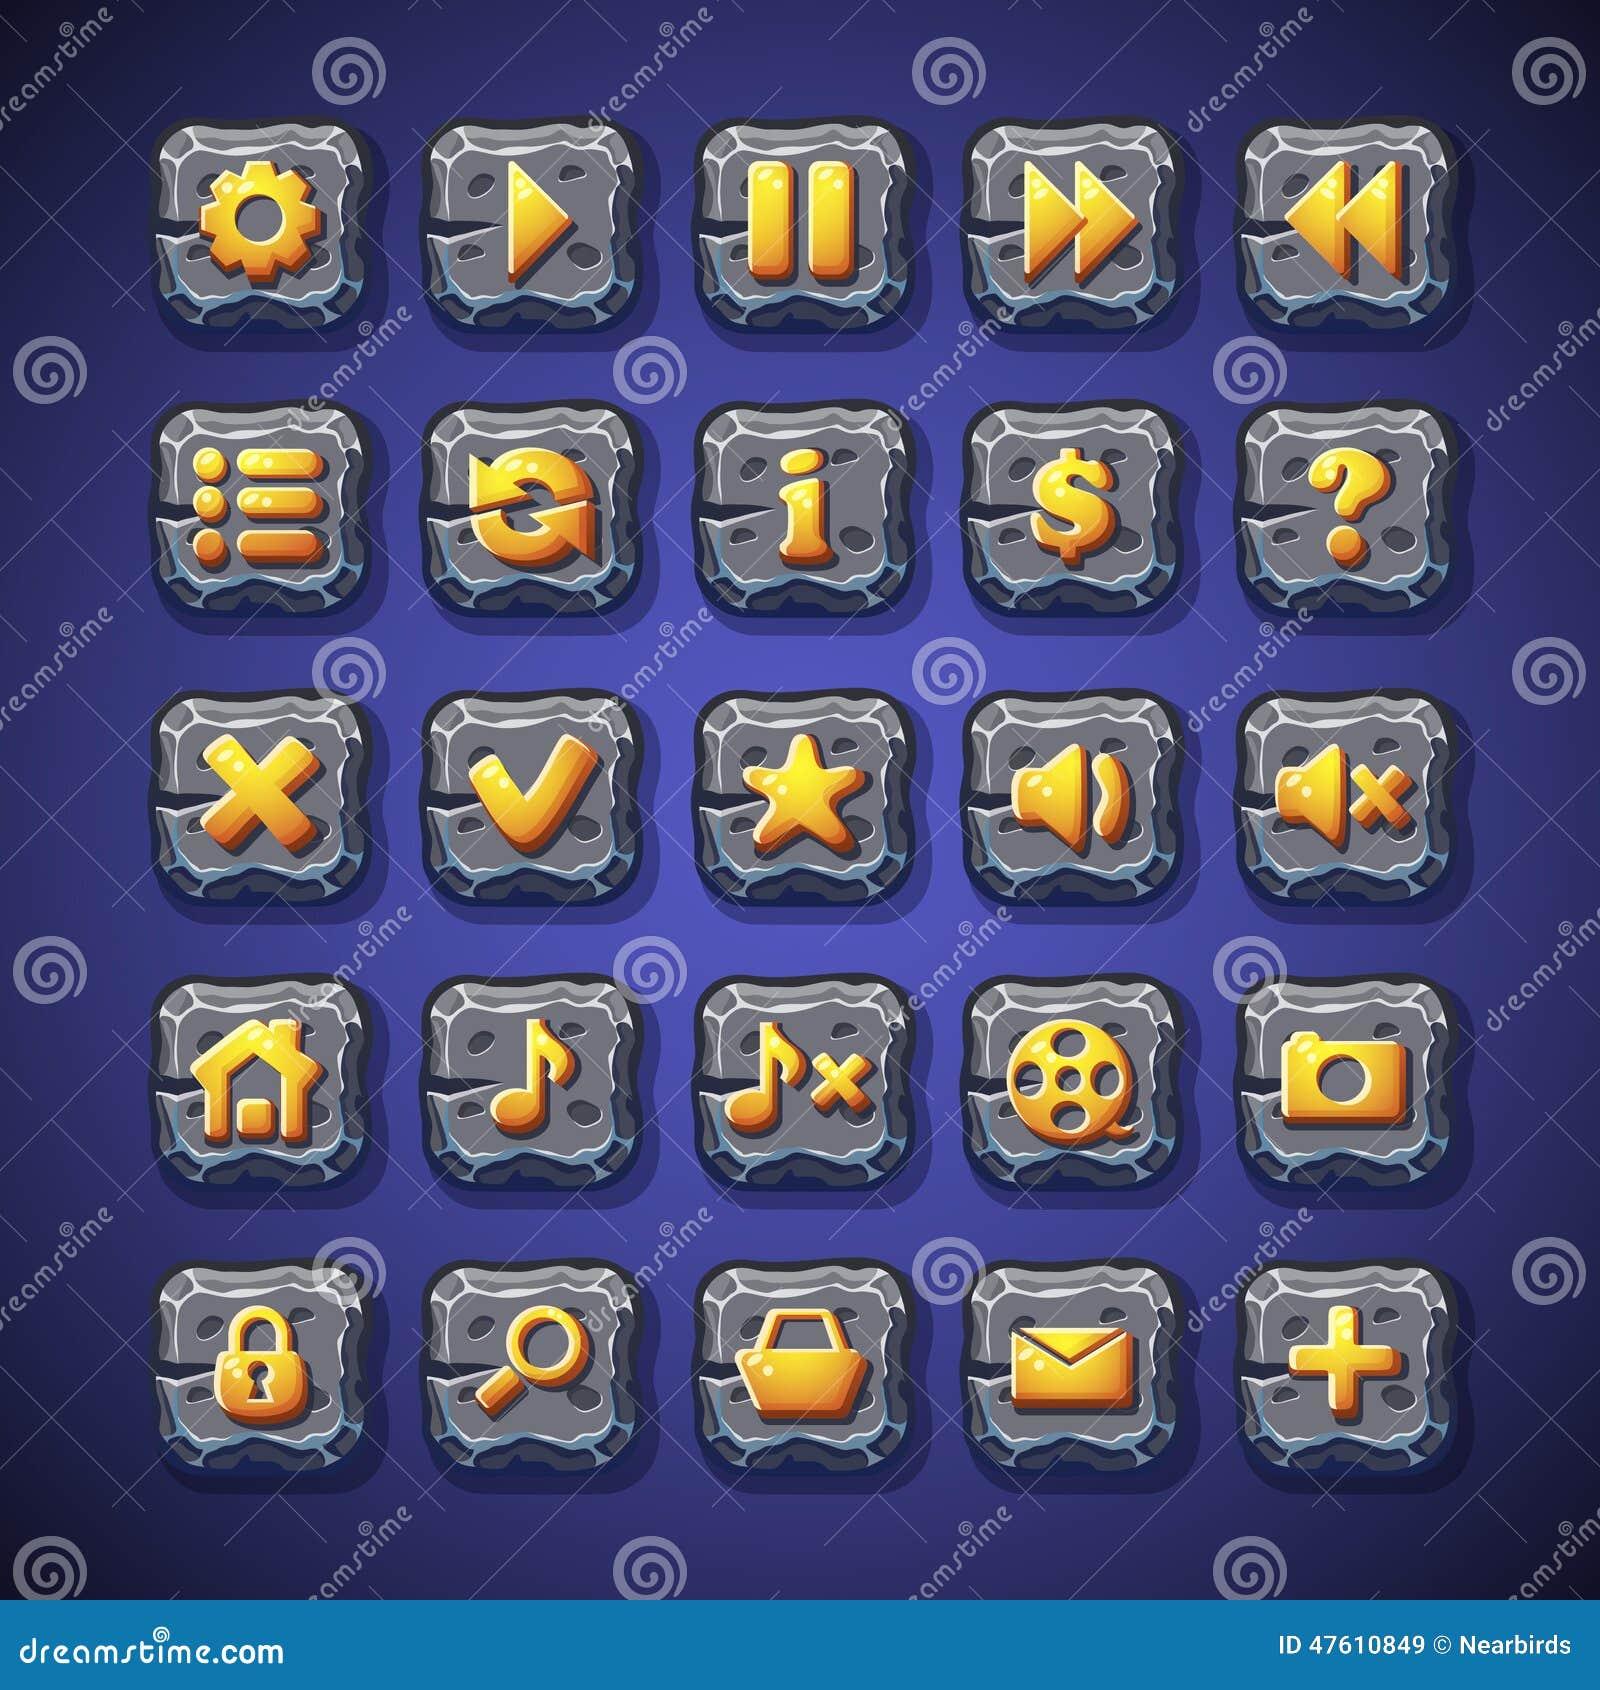 El sistema de botones se detiene brevemente, juega, se dirige, busca, carro de la compra para el uso en la interfaz de usuario de